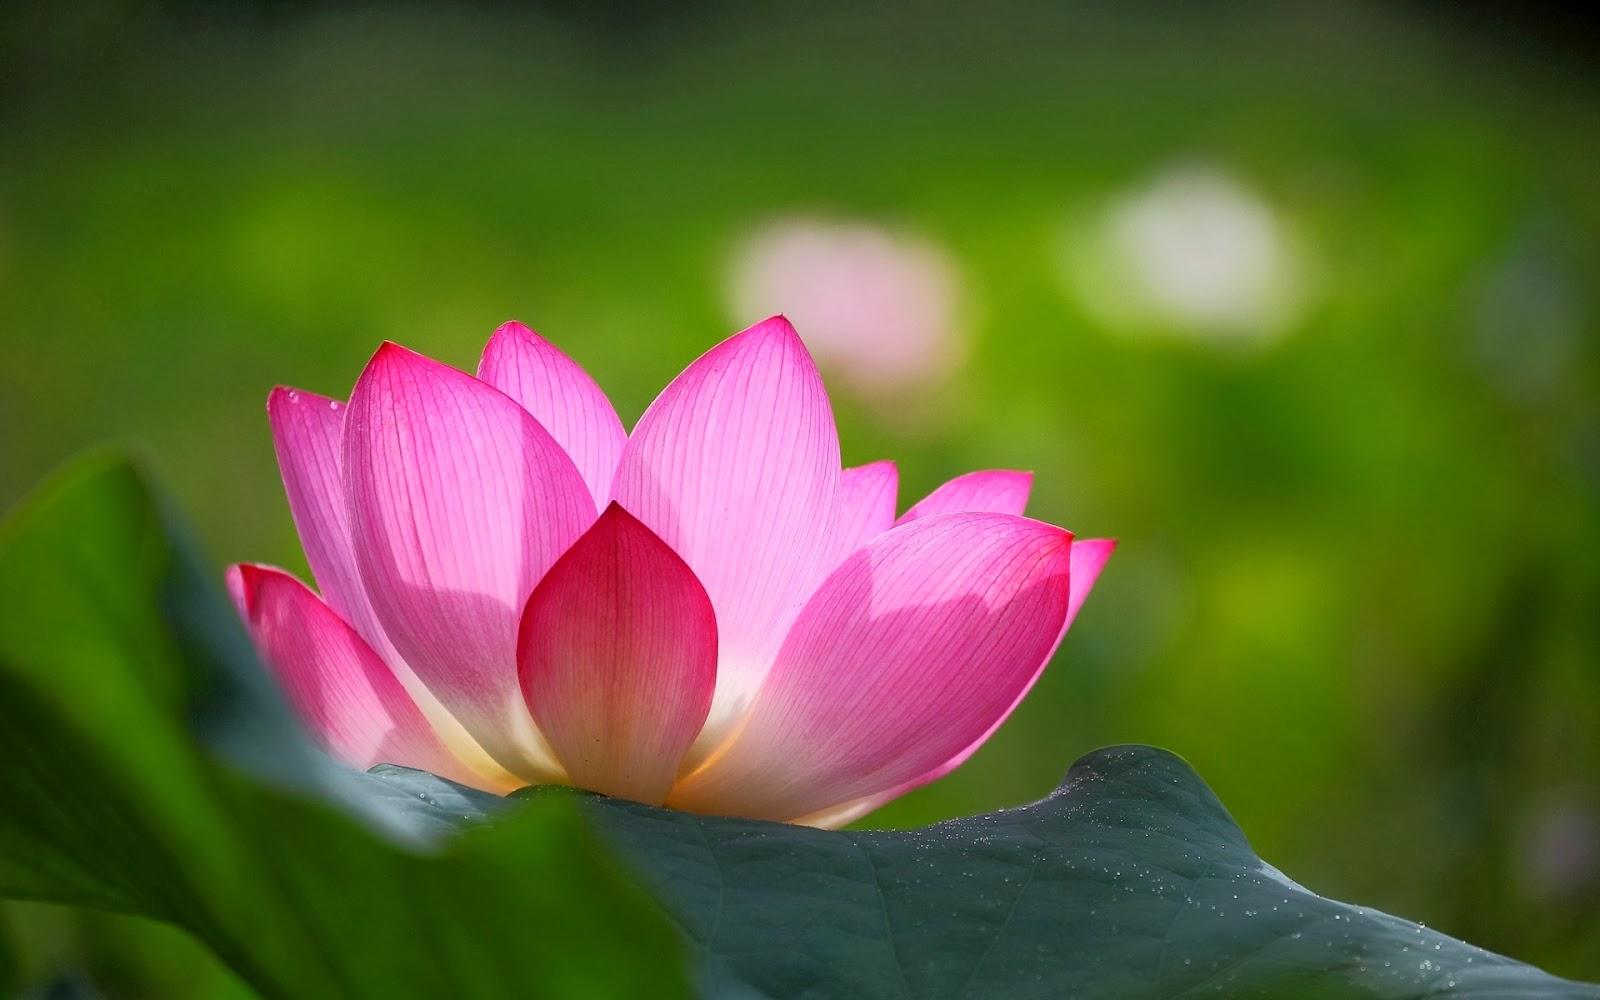 Imagenes de Flores de Loto y Lirios de Agua